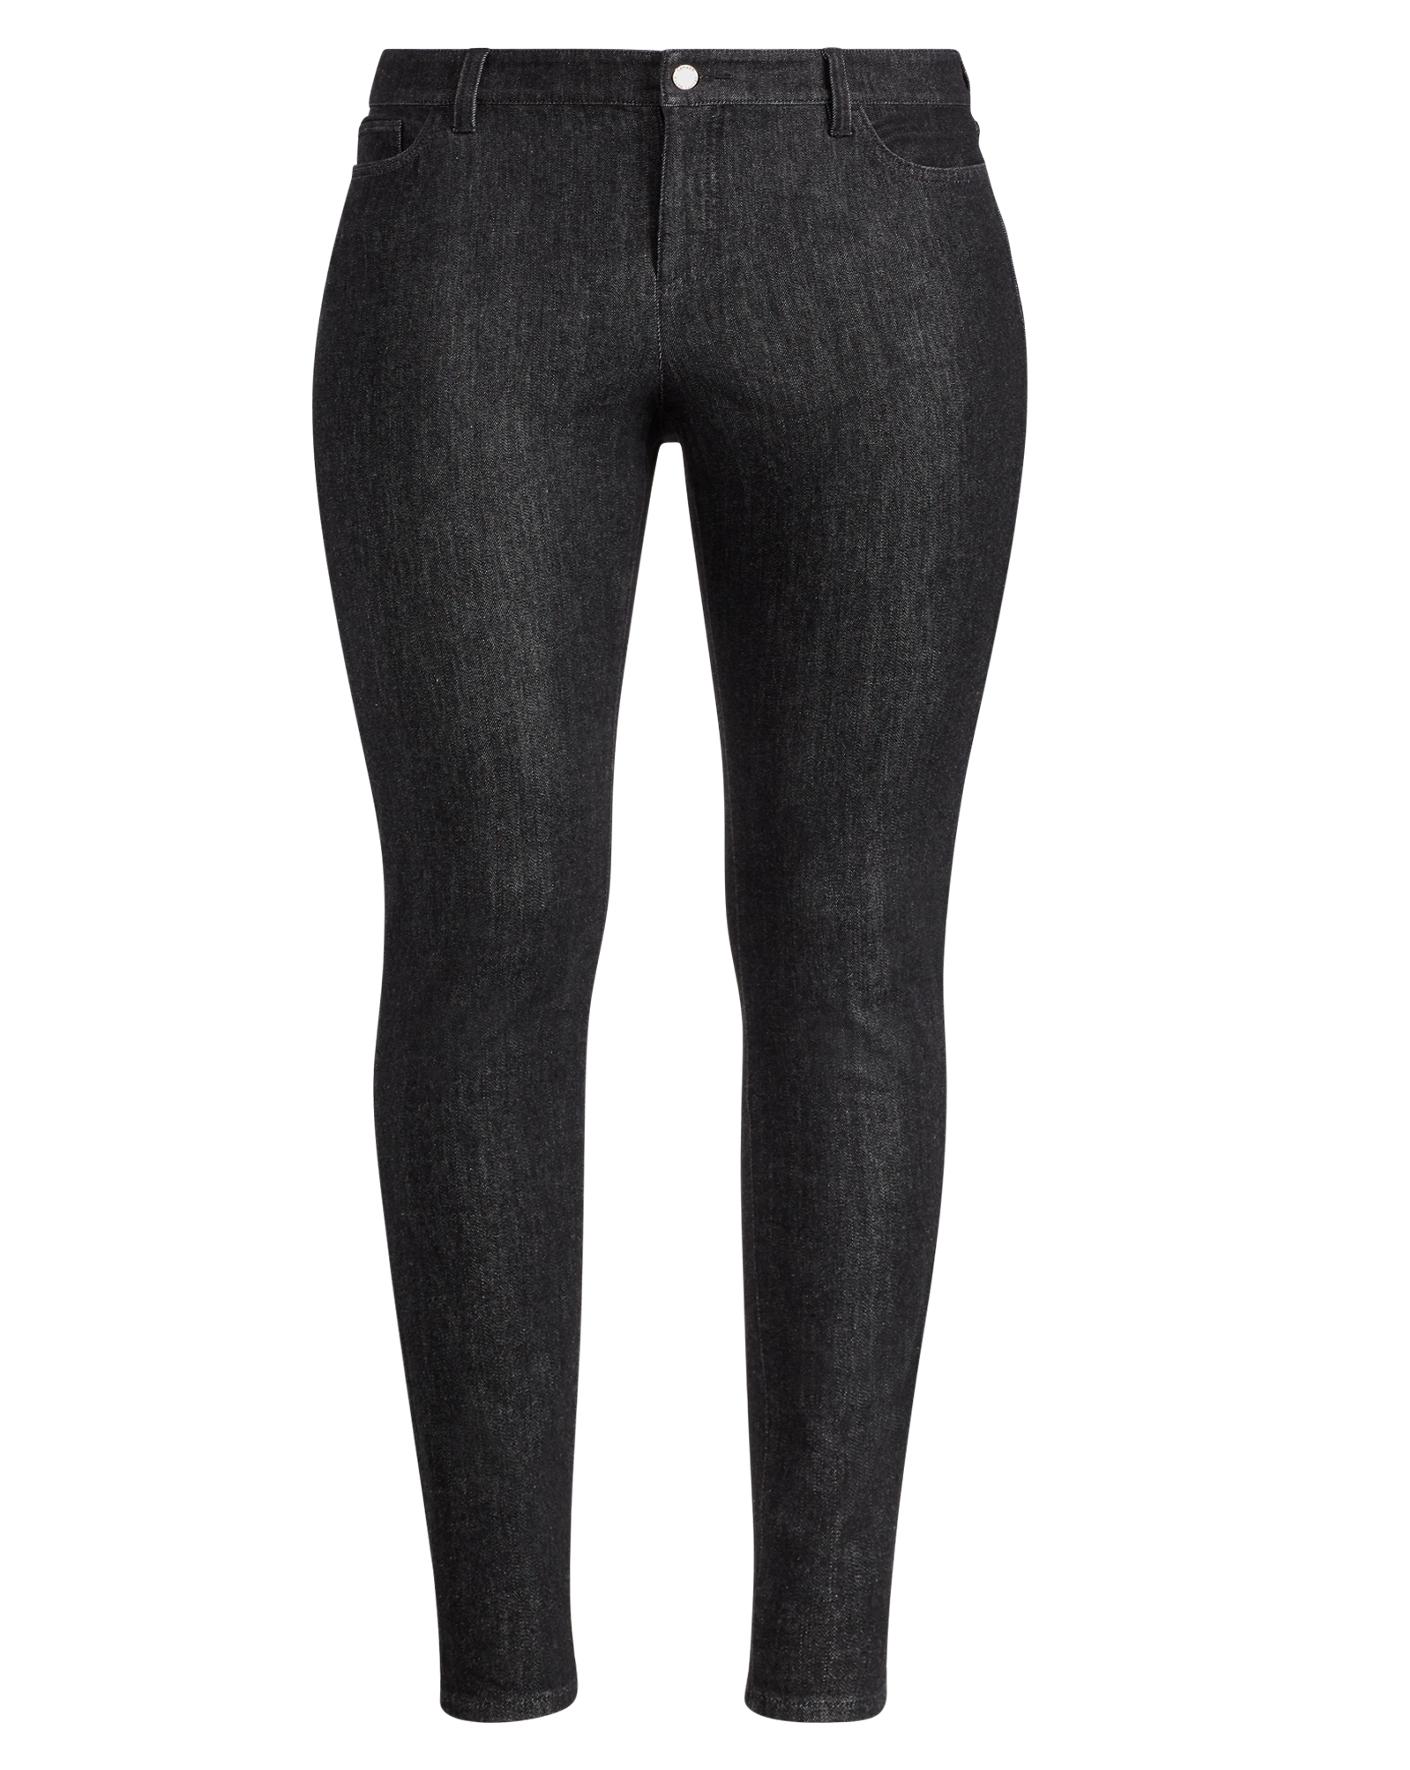 Women's Plus Size Clothing - Dresses, Tops, Pants   Ralph Lauren